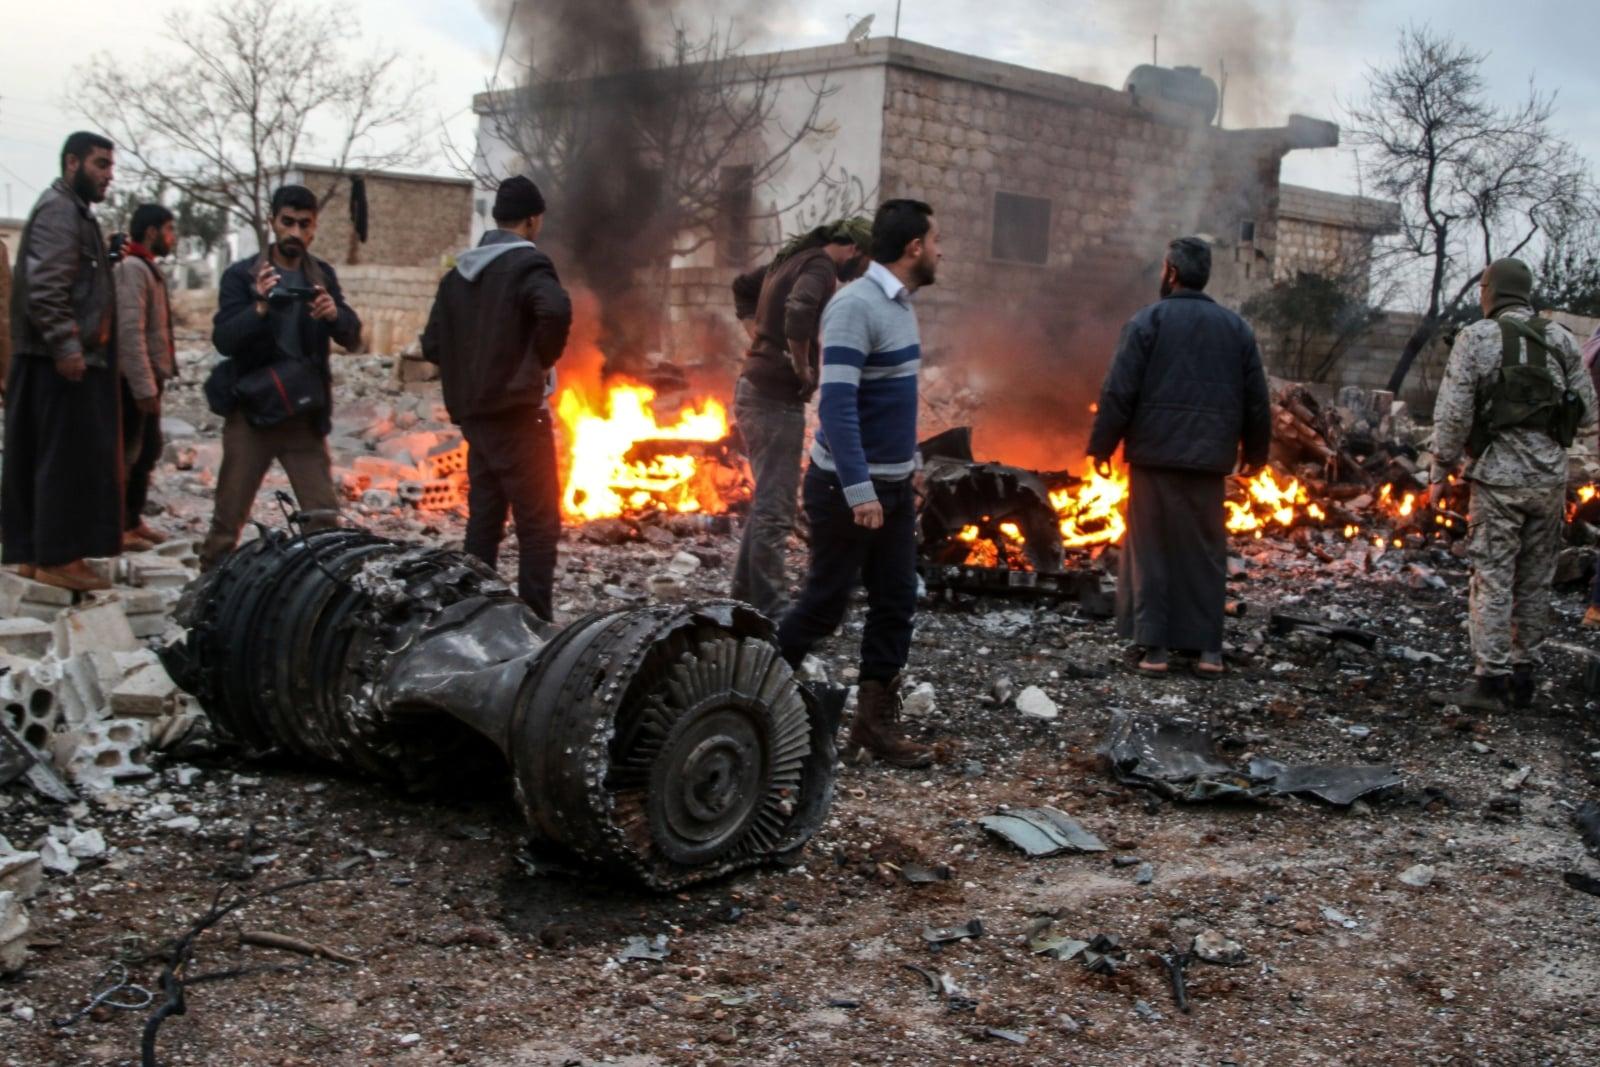 Syryjscy rebelianci zestrzelili rosyjski samolot EPA/ABDALLA SAAD